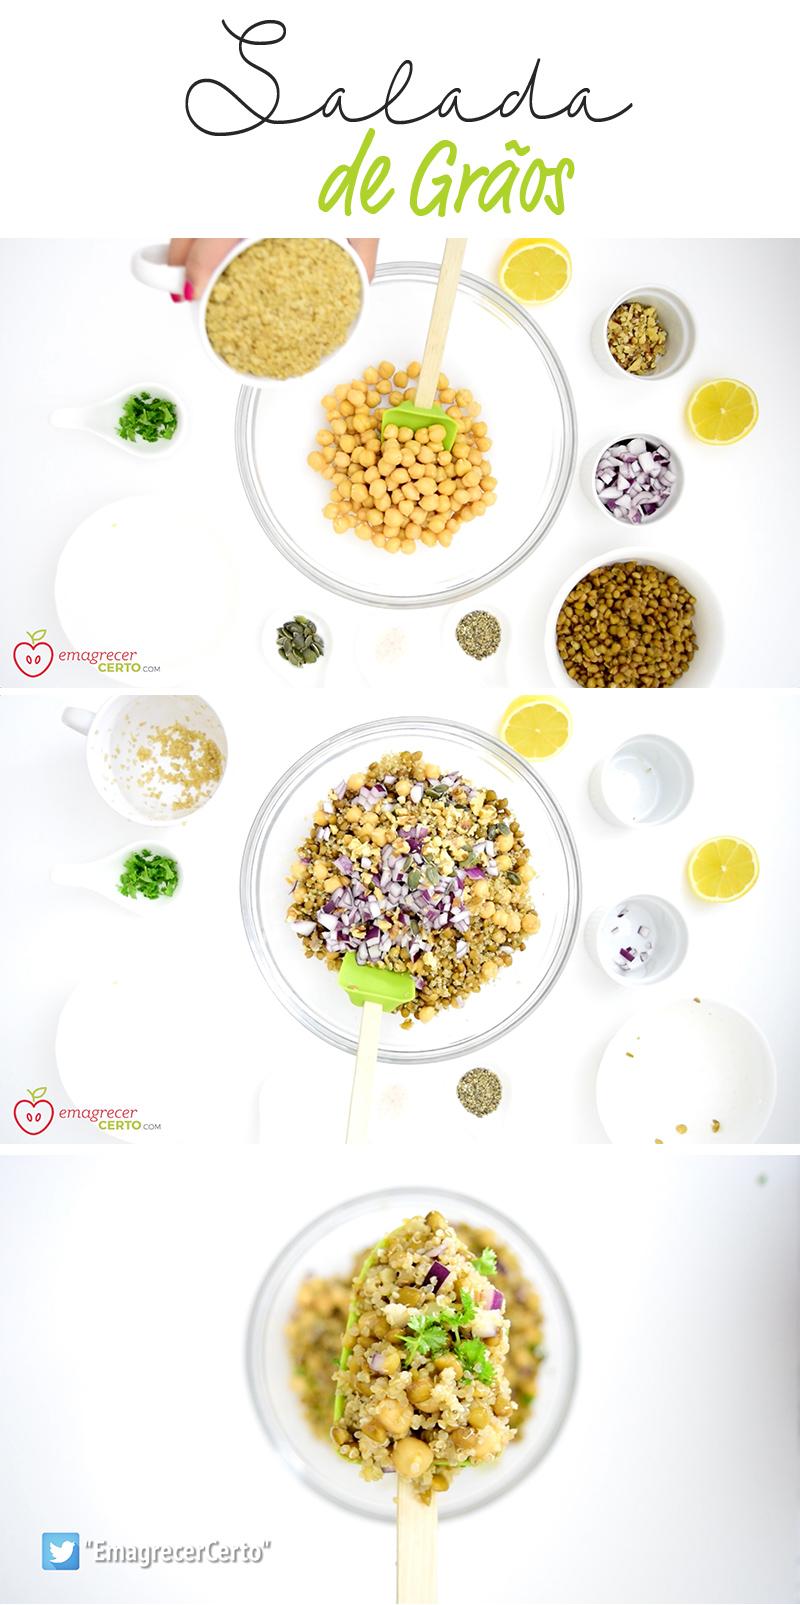 salada de graos funcional emagrecer certo blog